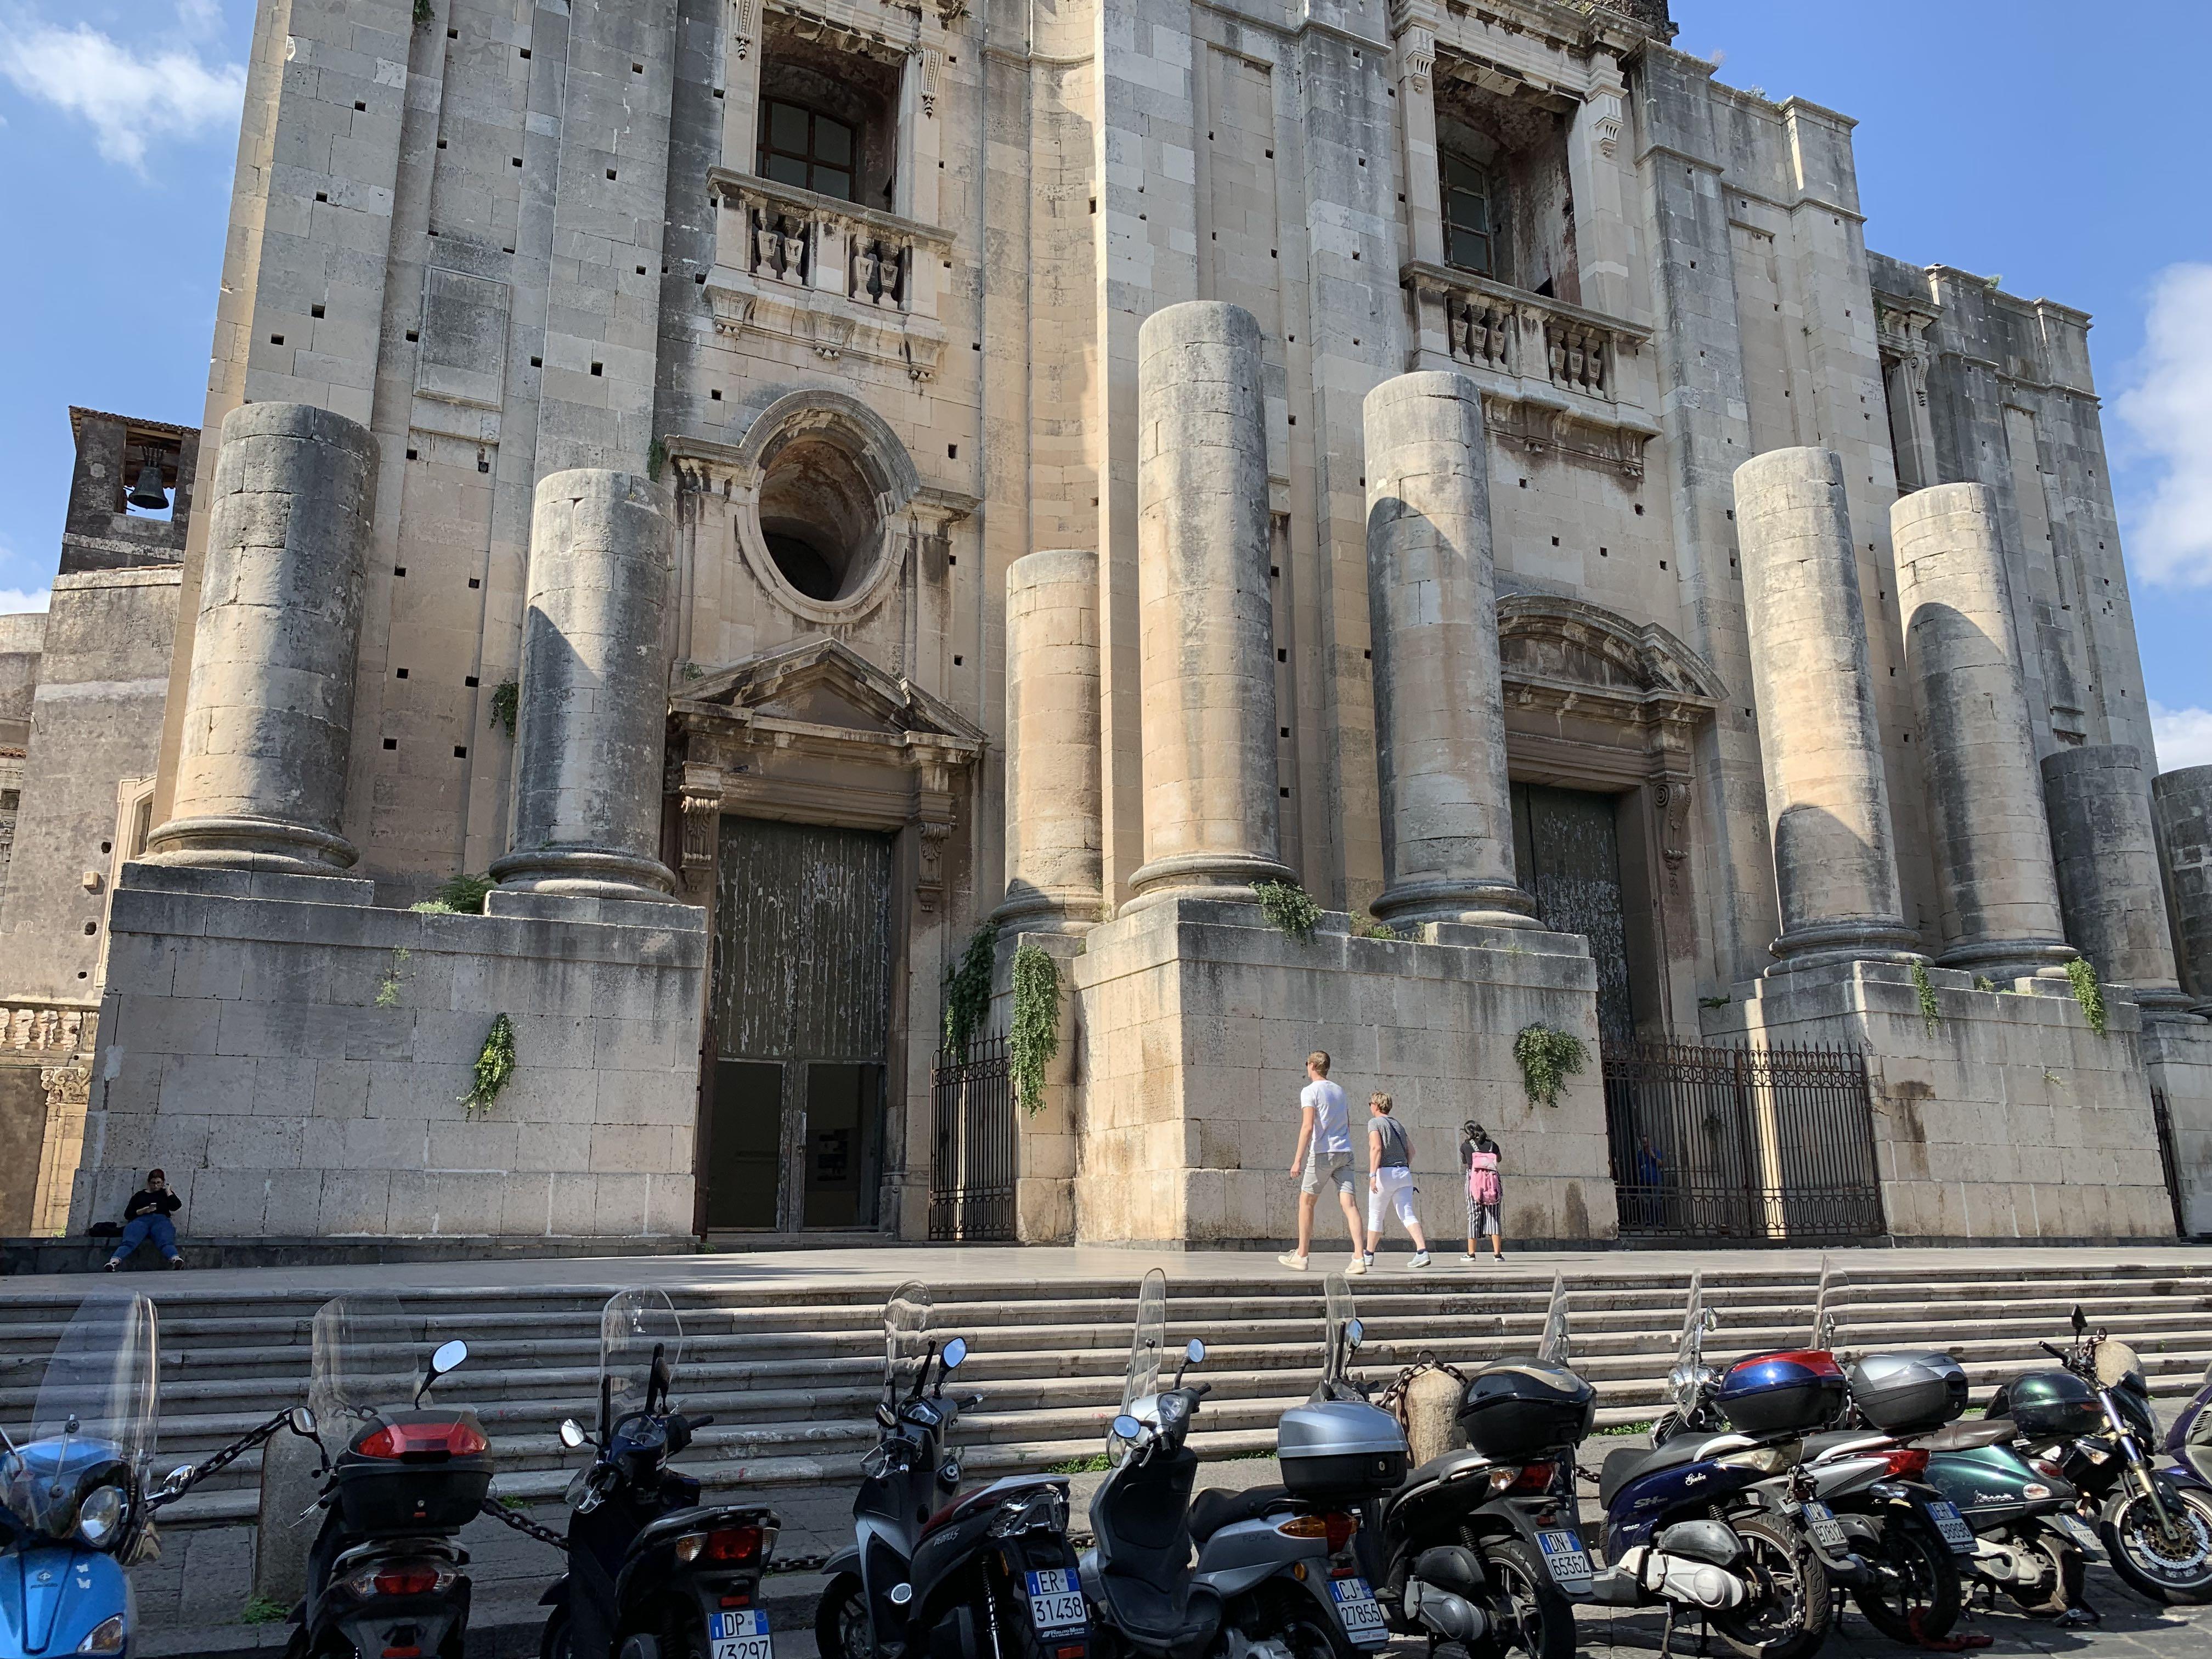 L'église n'a pas été achevé mais le monastère abritait jusqu'à 600 séminaristes